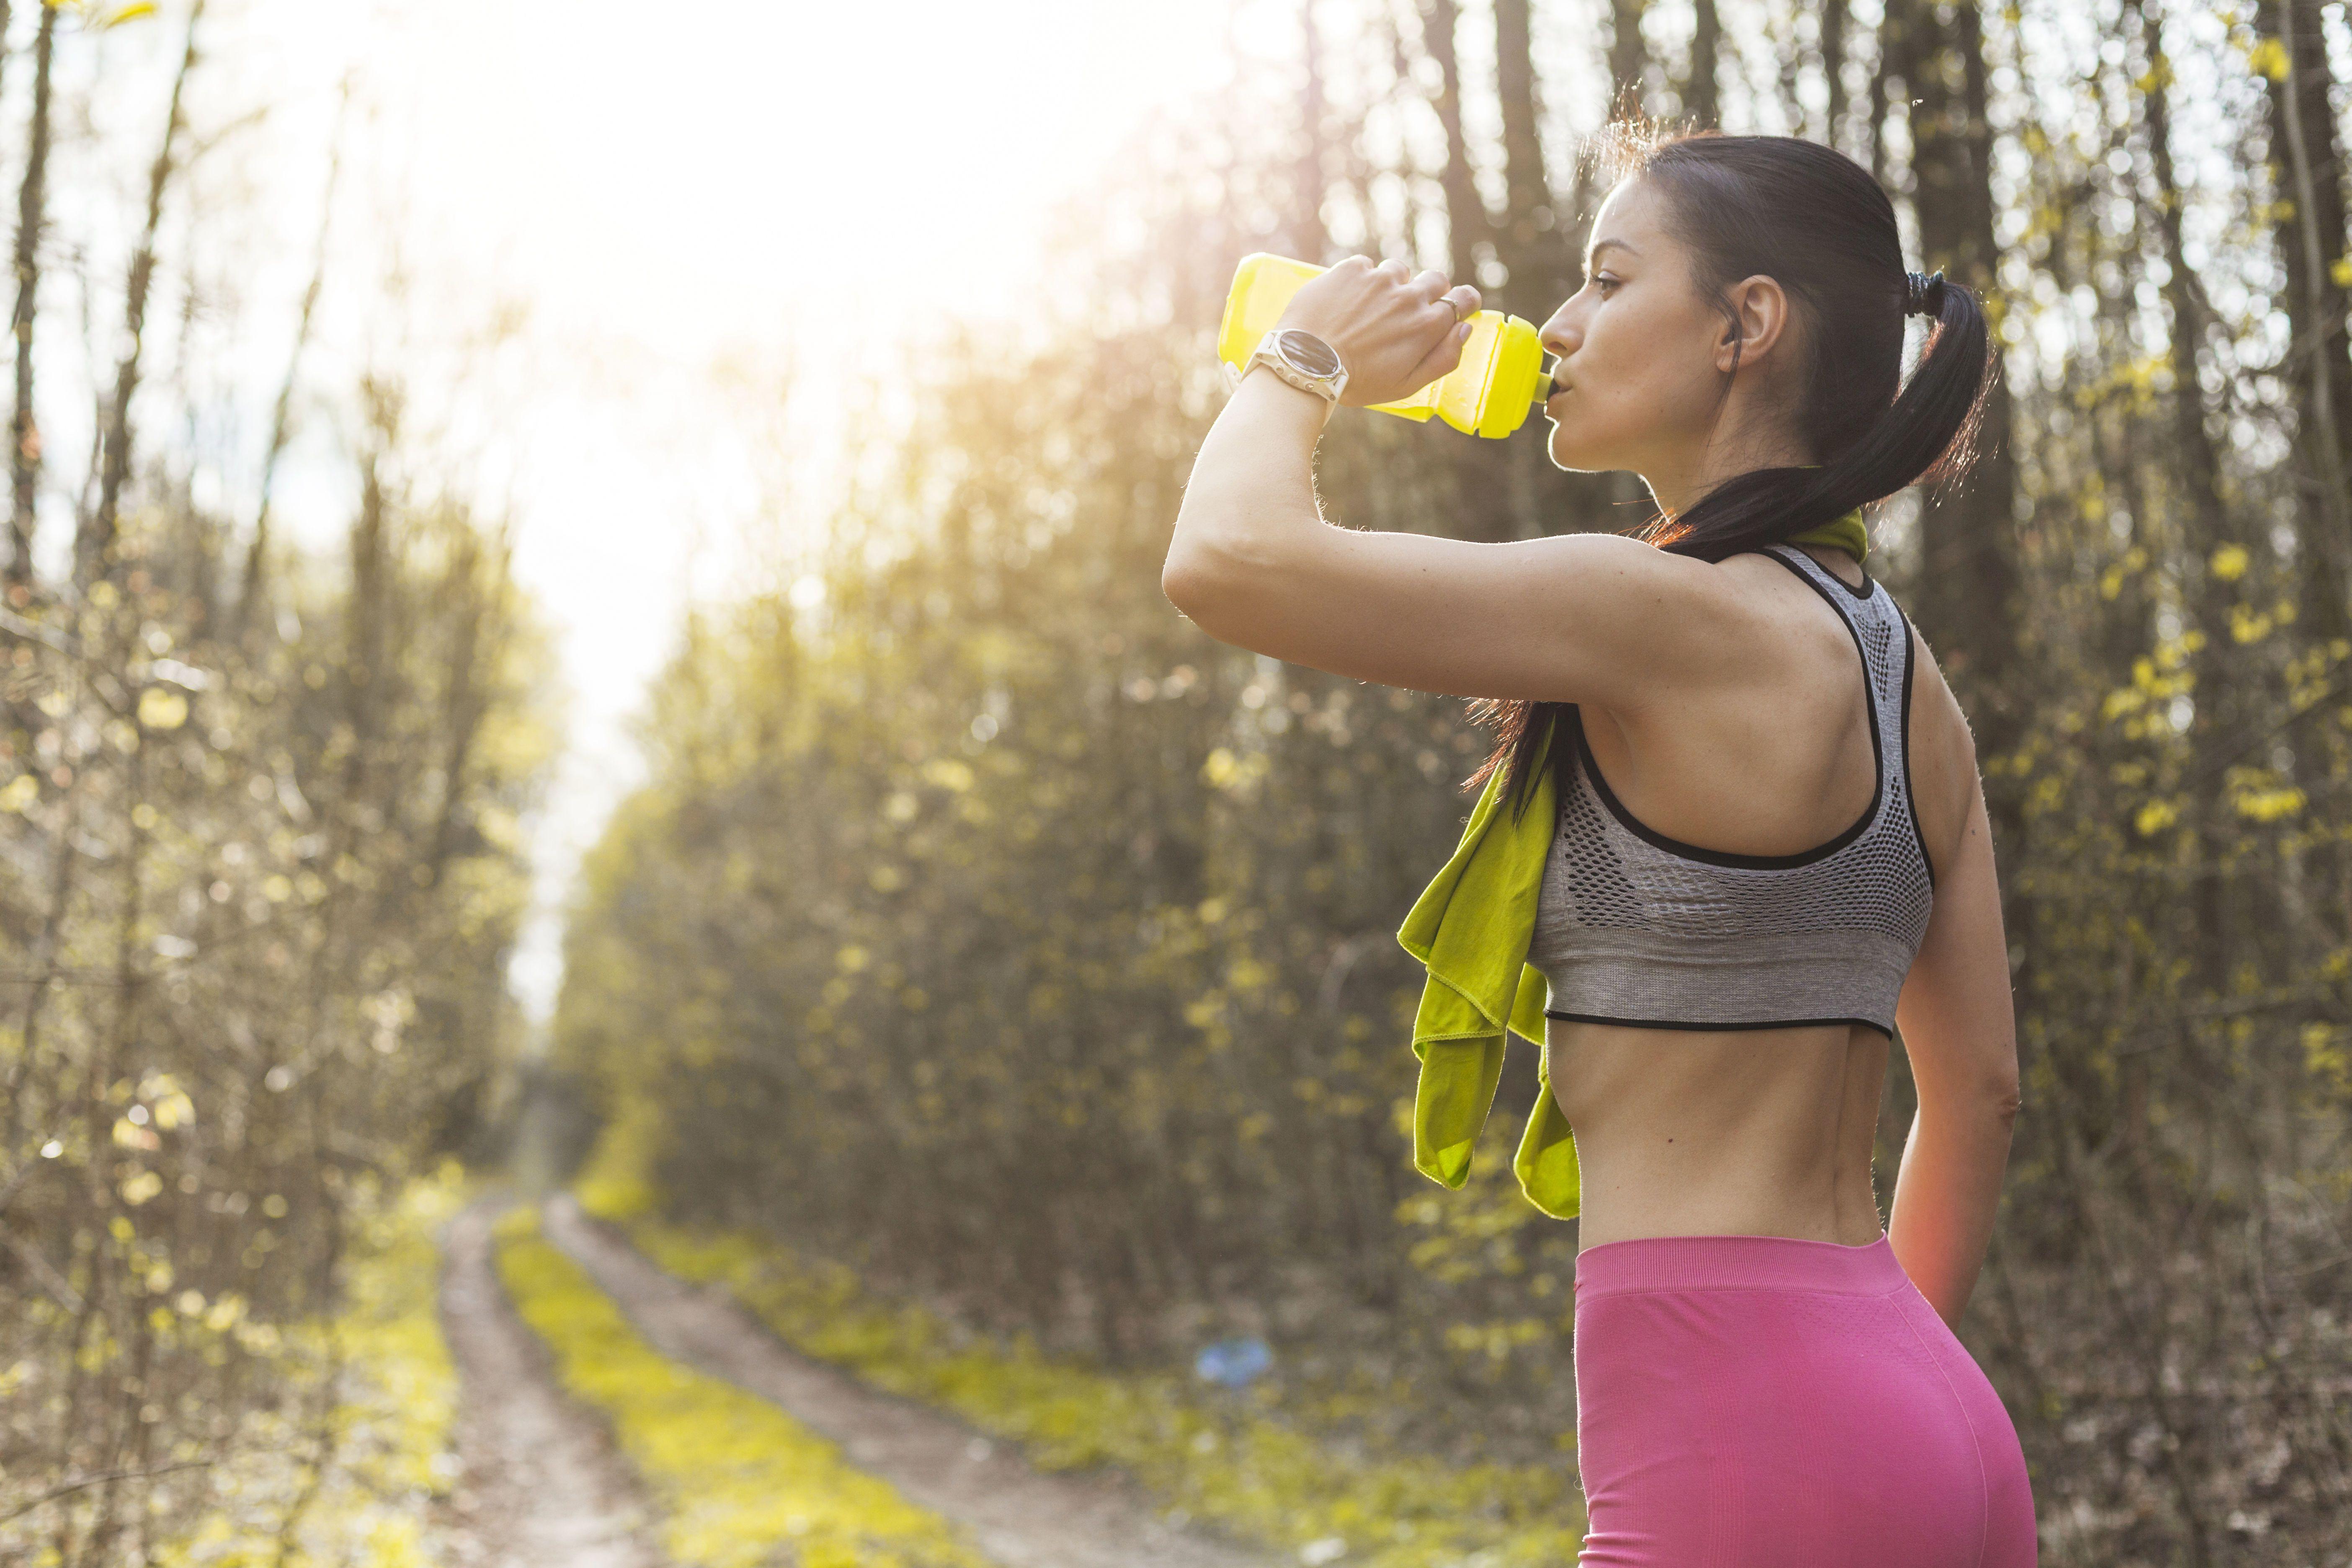 Дівчинка з пляшкою води, літо, спорт